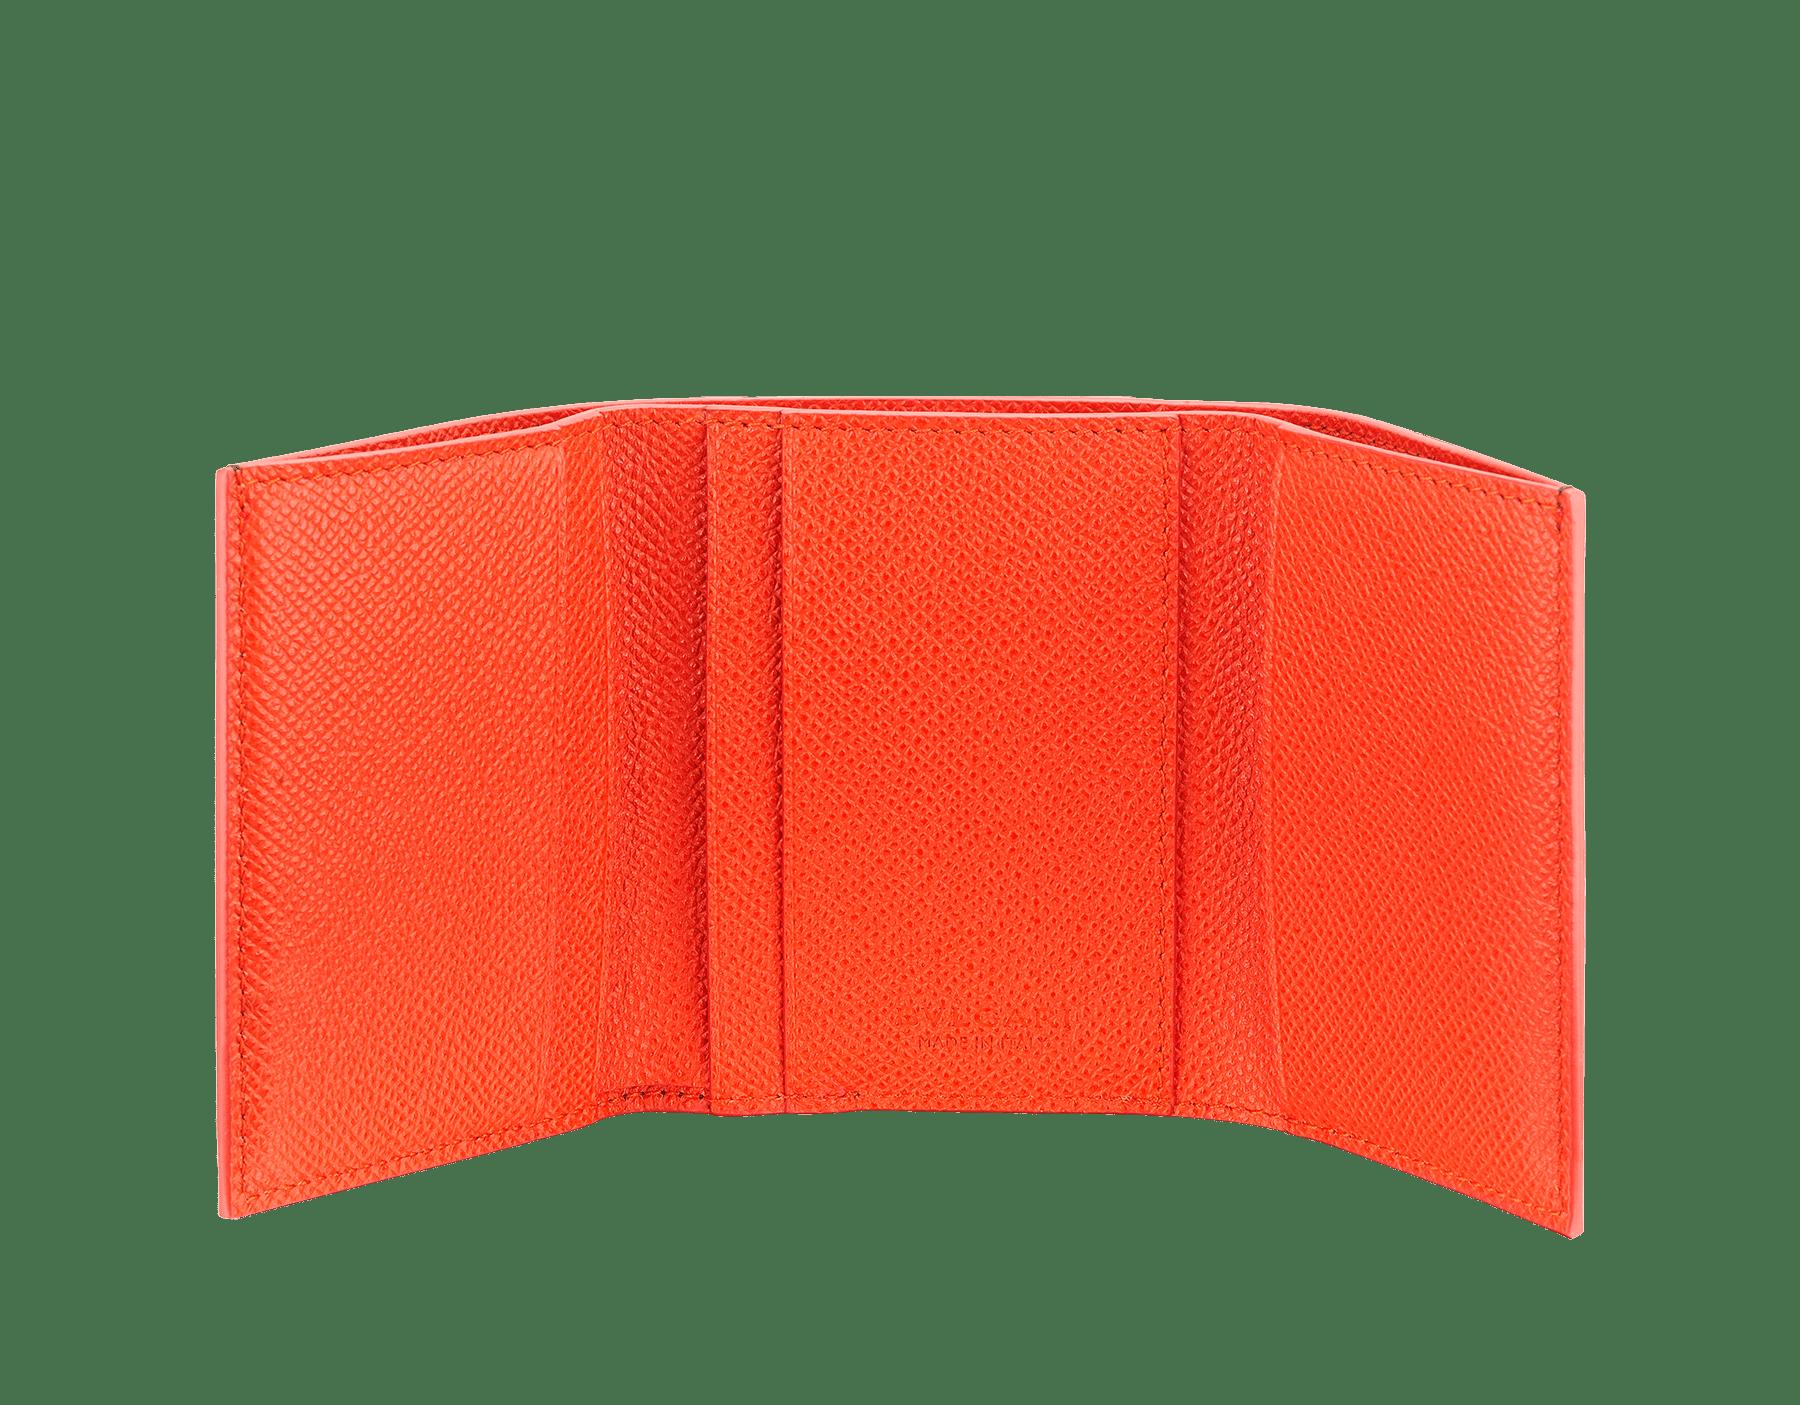 Cartera compacta BVLGARI BVLGARI en piel de becerro granulada color jade y ámbar fuego. Cierre de clip en latón bañado en rutenio con el emblemático logotipo. 289864 image 2